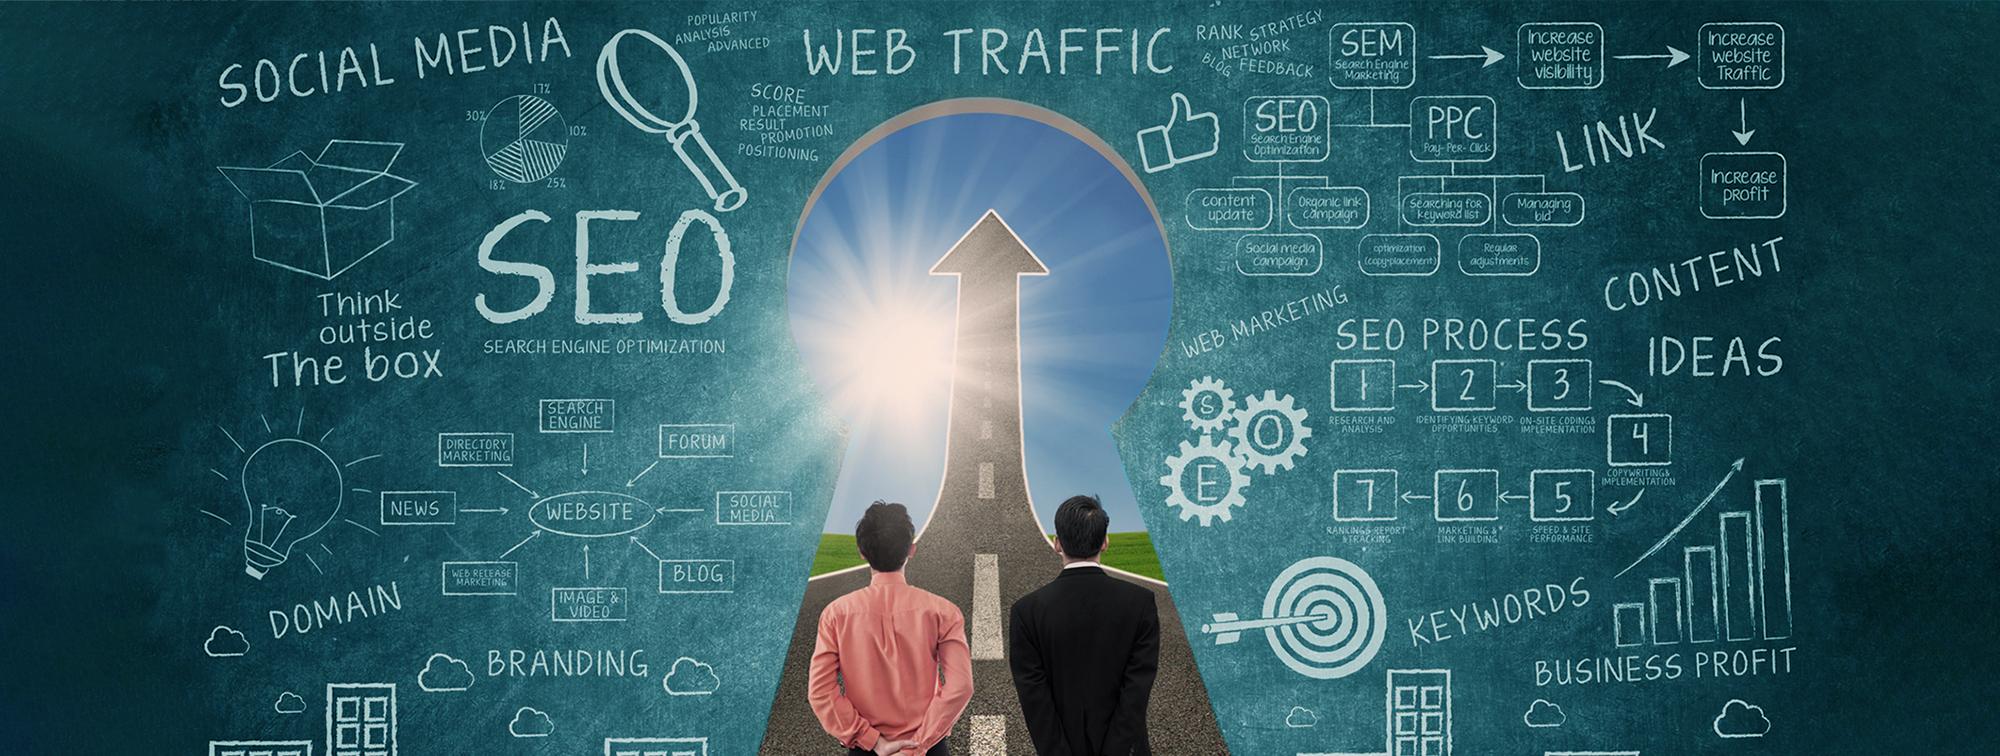 3-technische-tipps-fuer-mehr-traffic_header